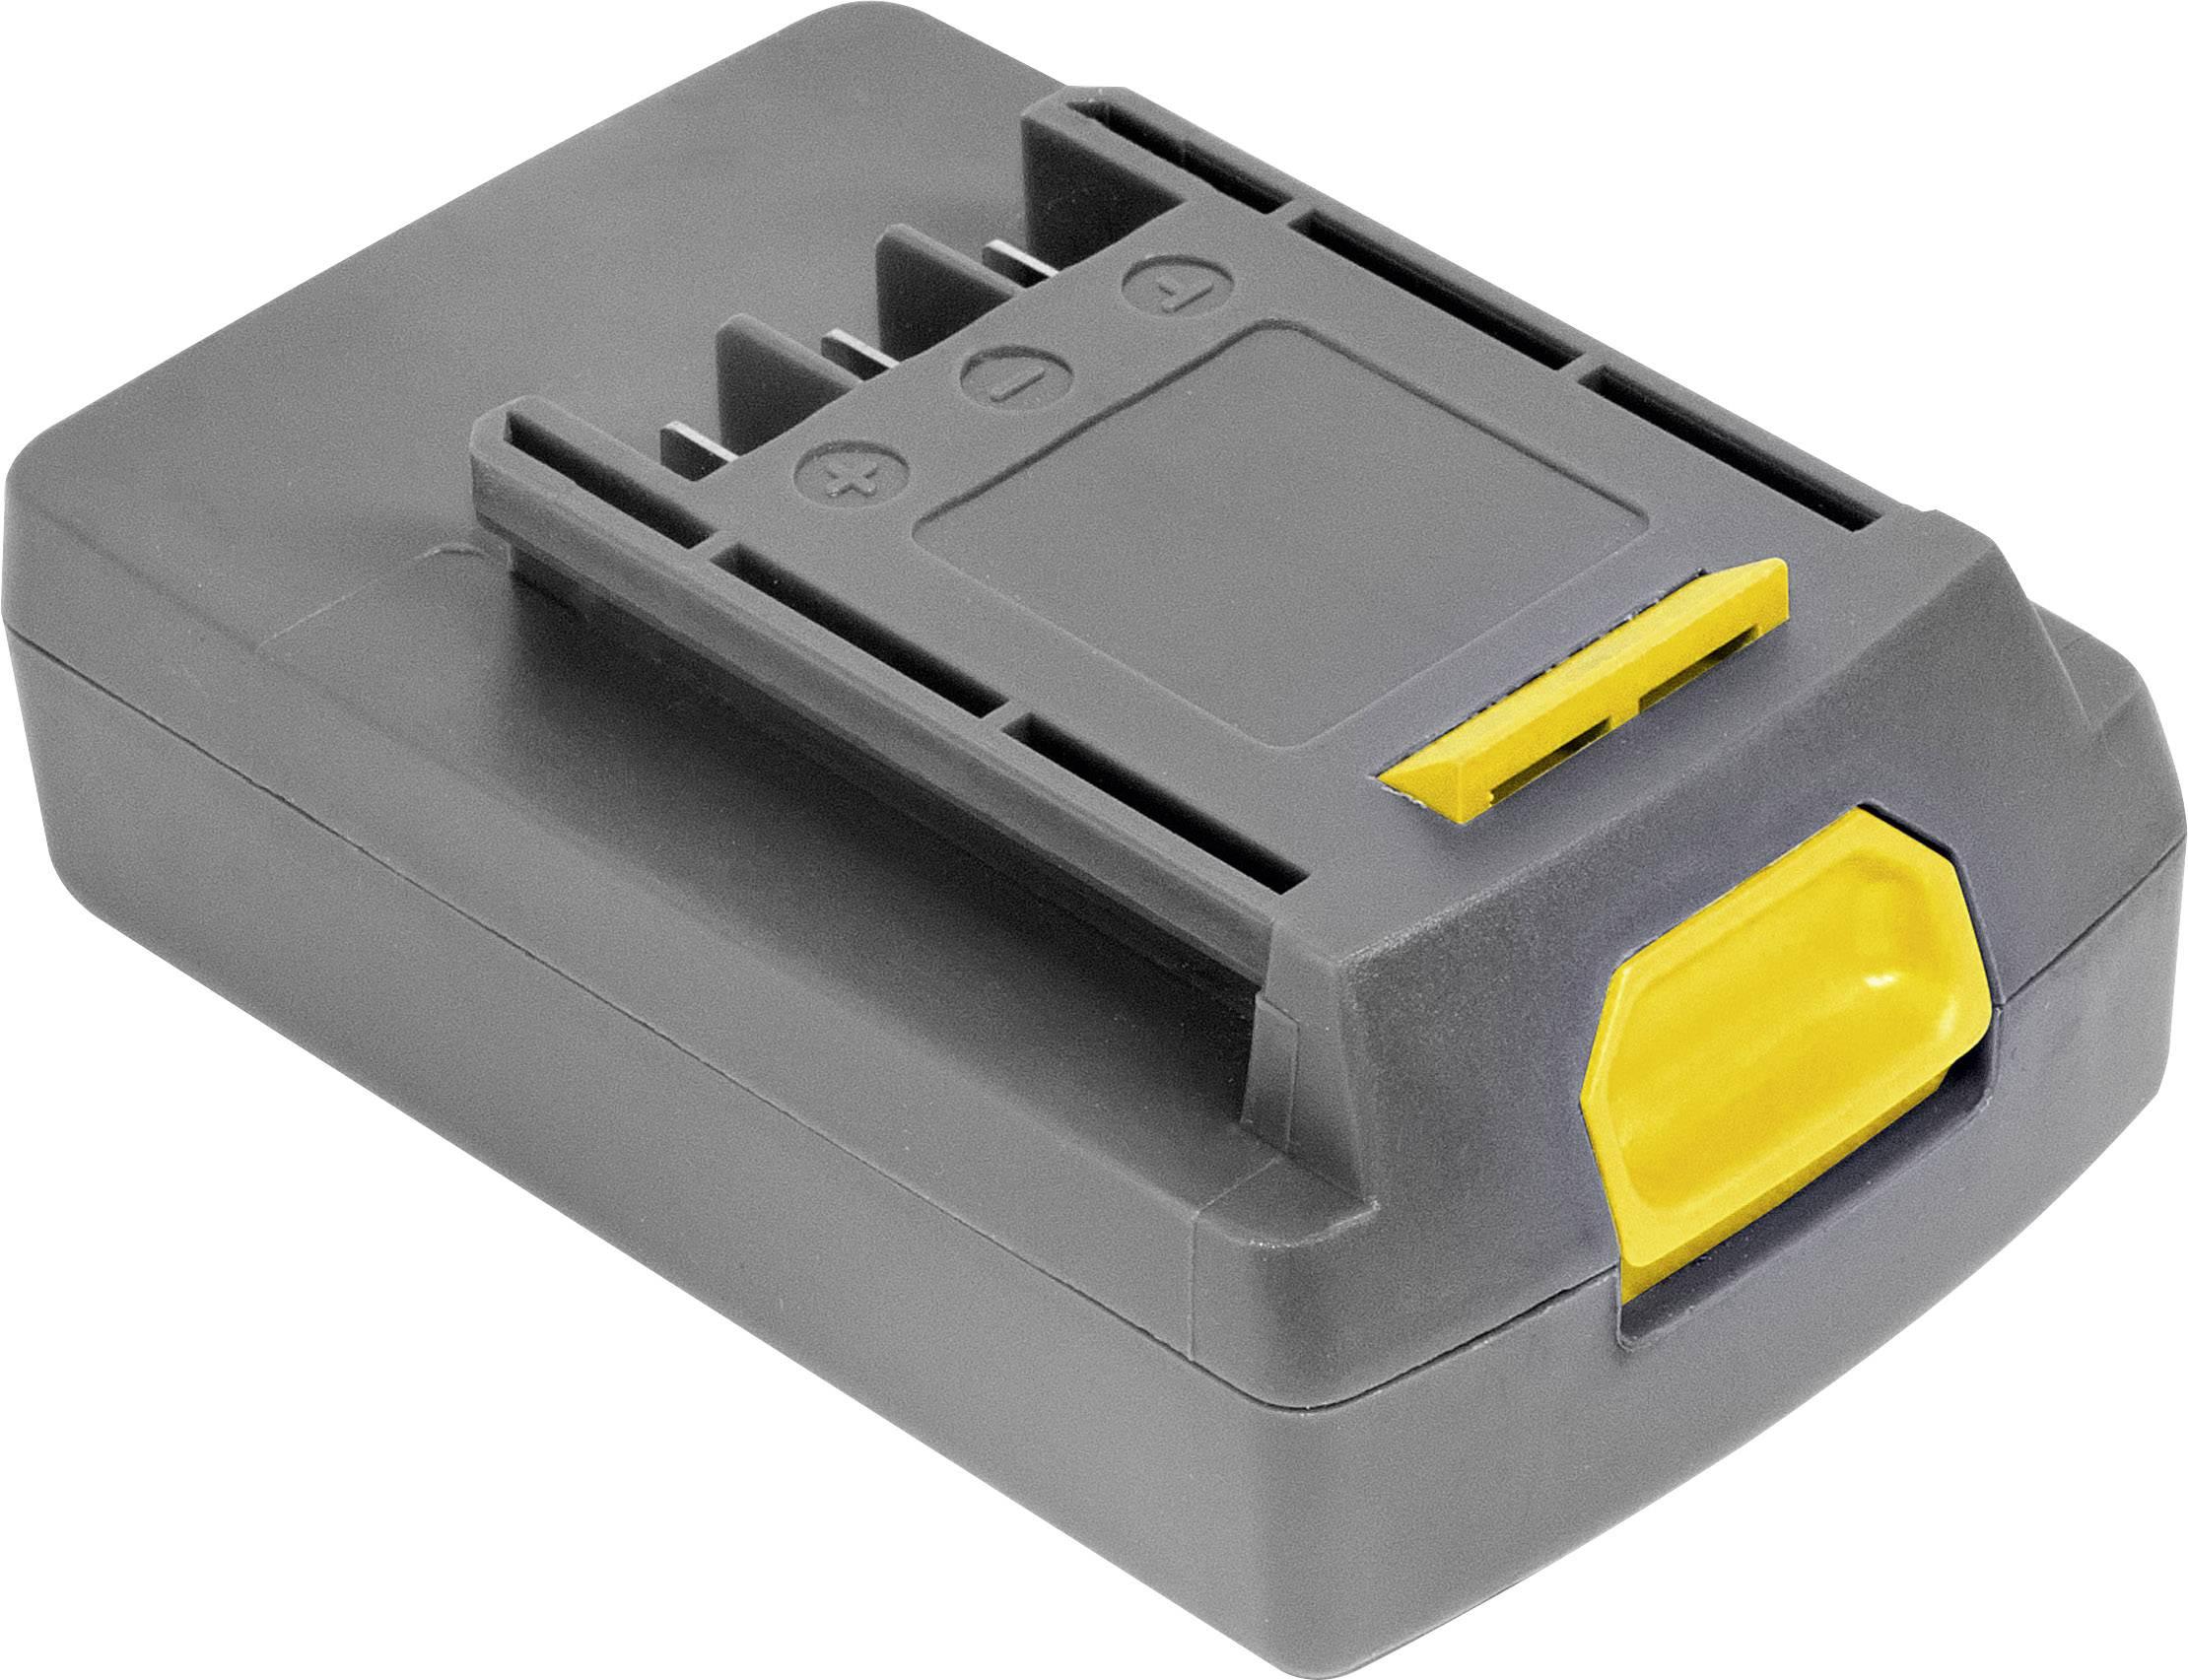 Náhradný akumulátor Wolf Garten 41A20--L650 vhodné pre HTA 700, GTA 700, BA 700